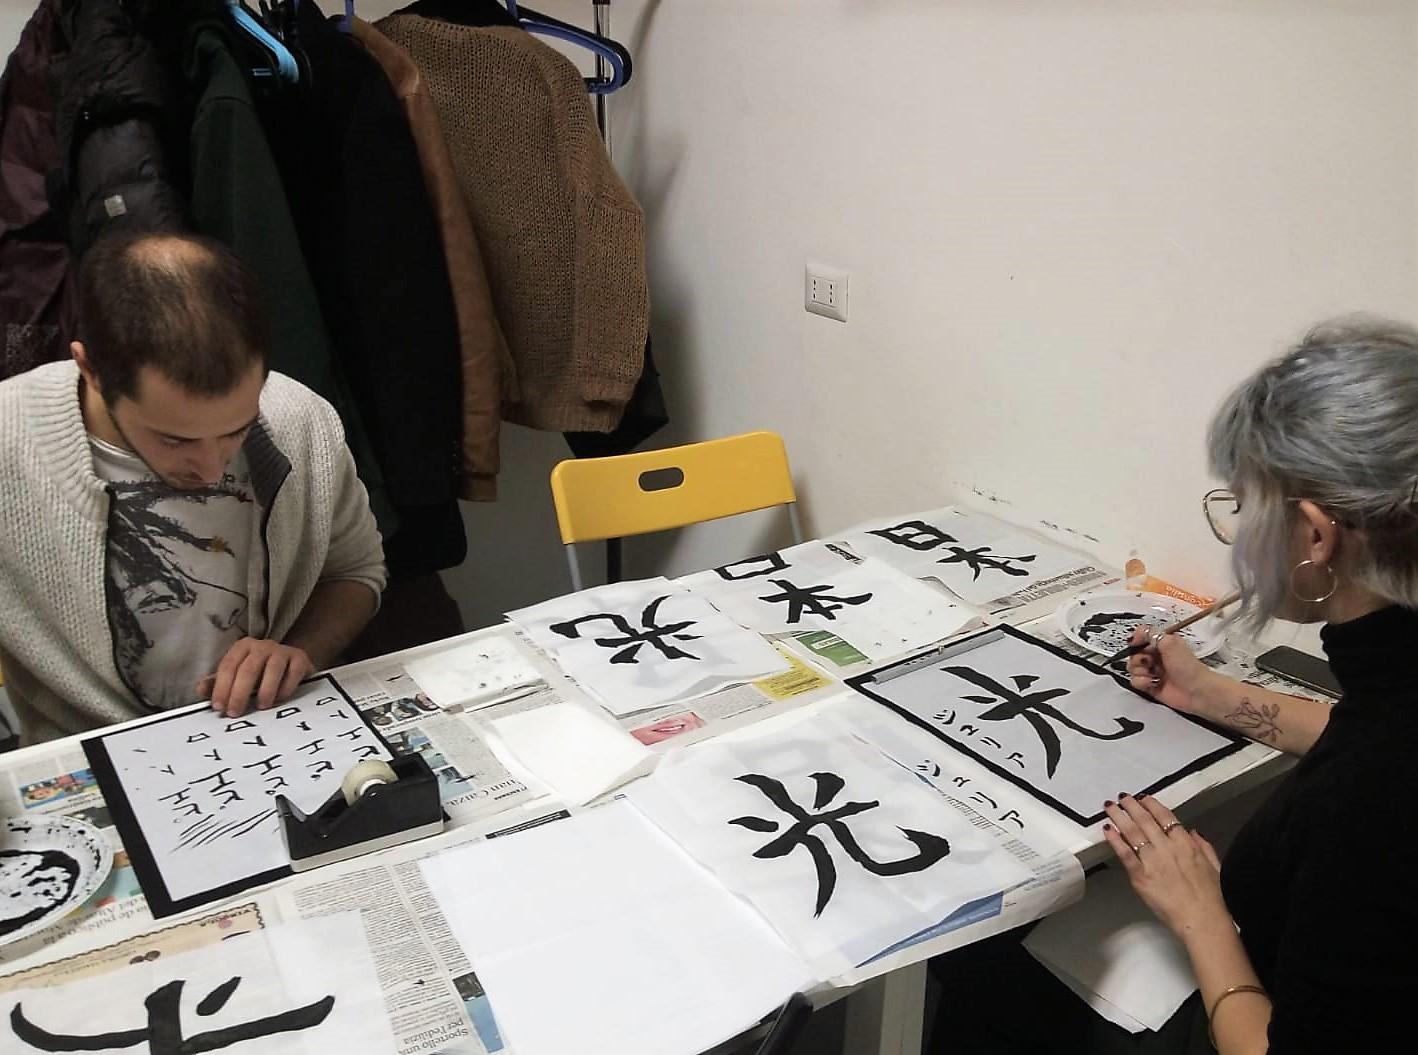 corso calligrafia shodo images